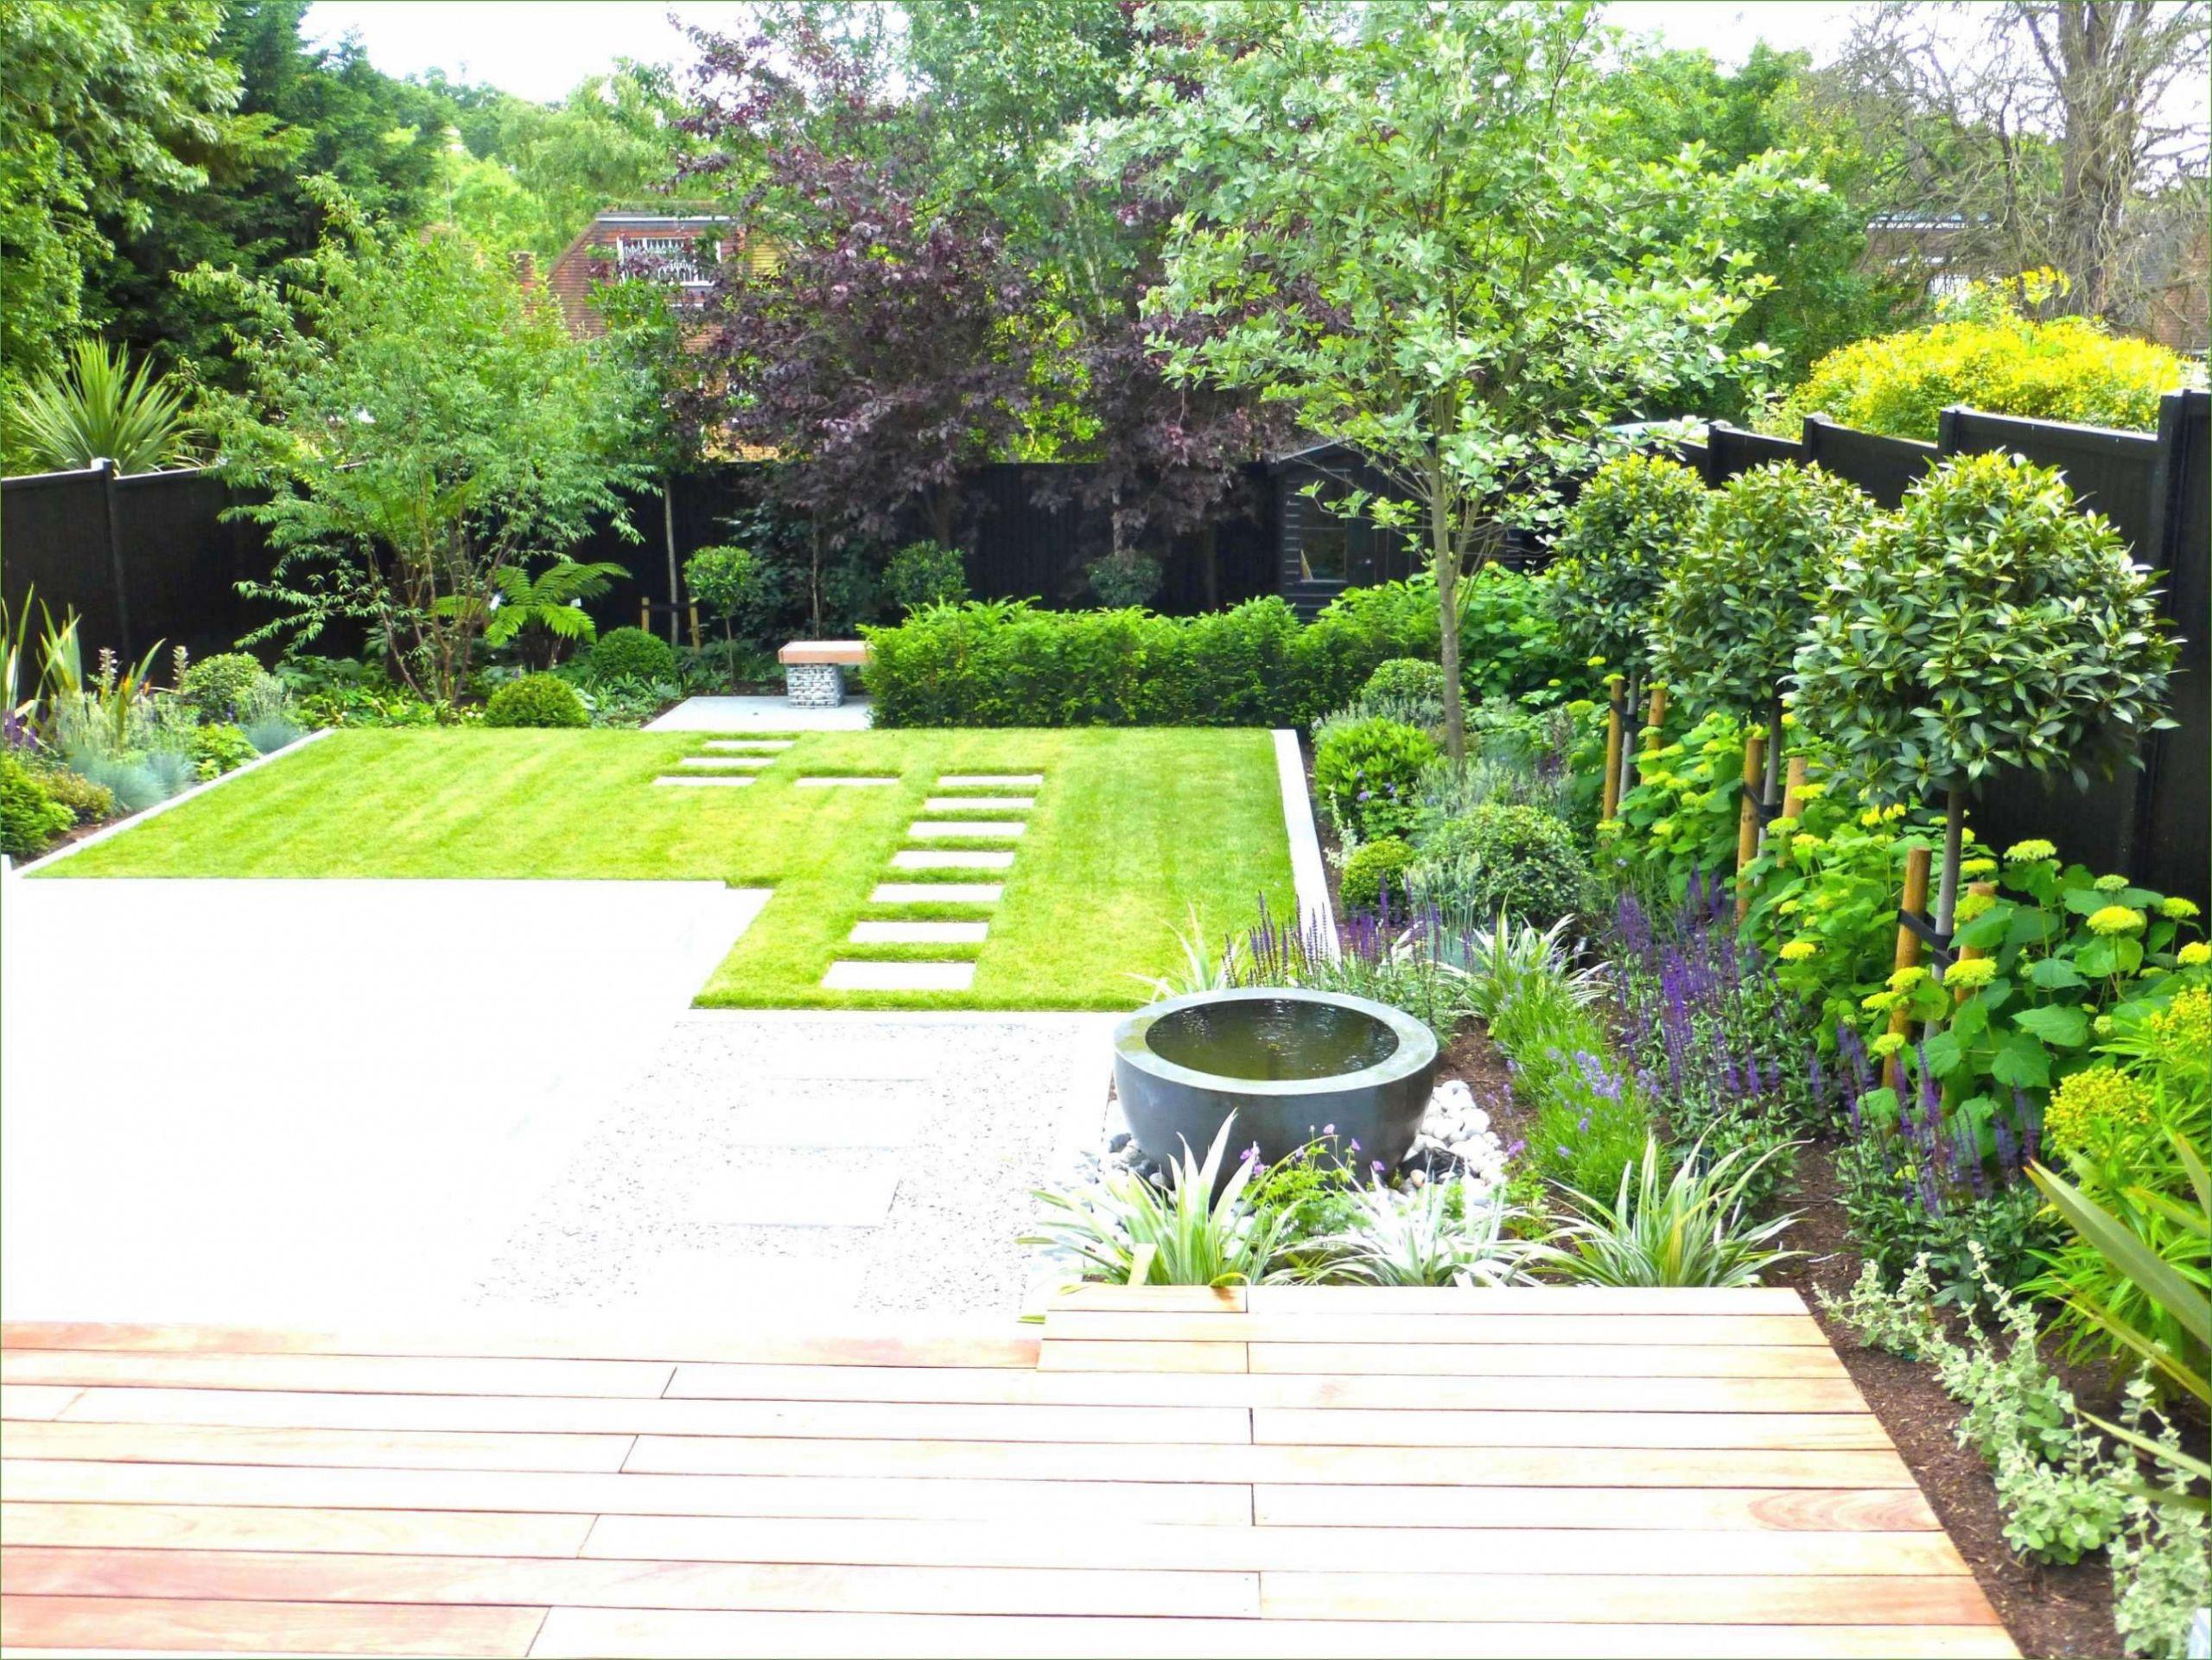 Bachlauf Garten Best Of Gartengestaltung Ideen Mit Steinen — Temobardz Home Blog